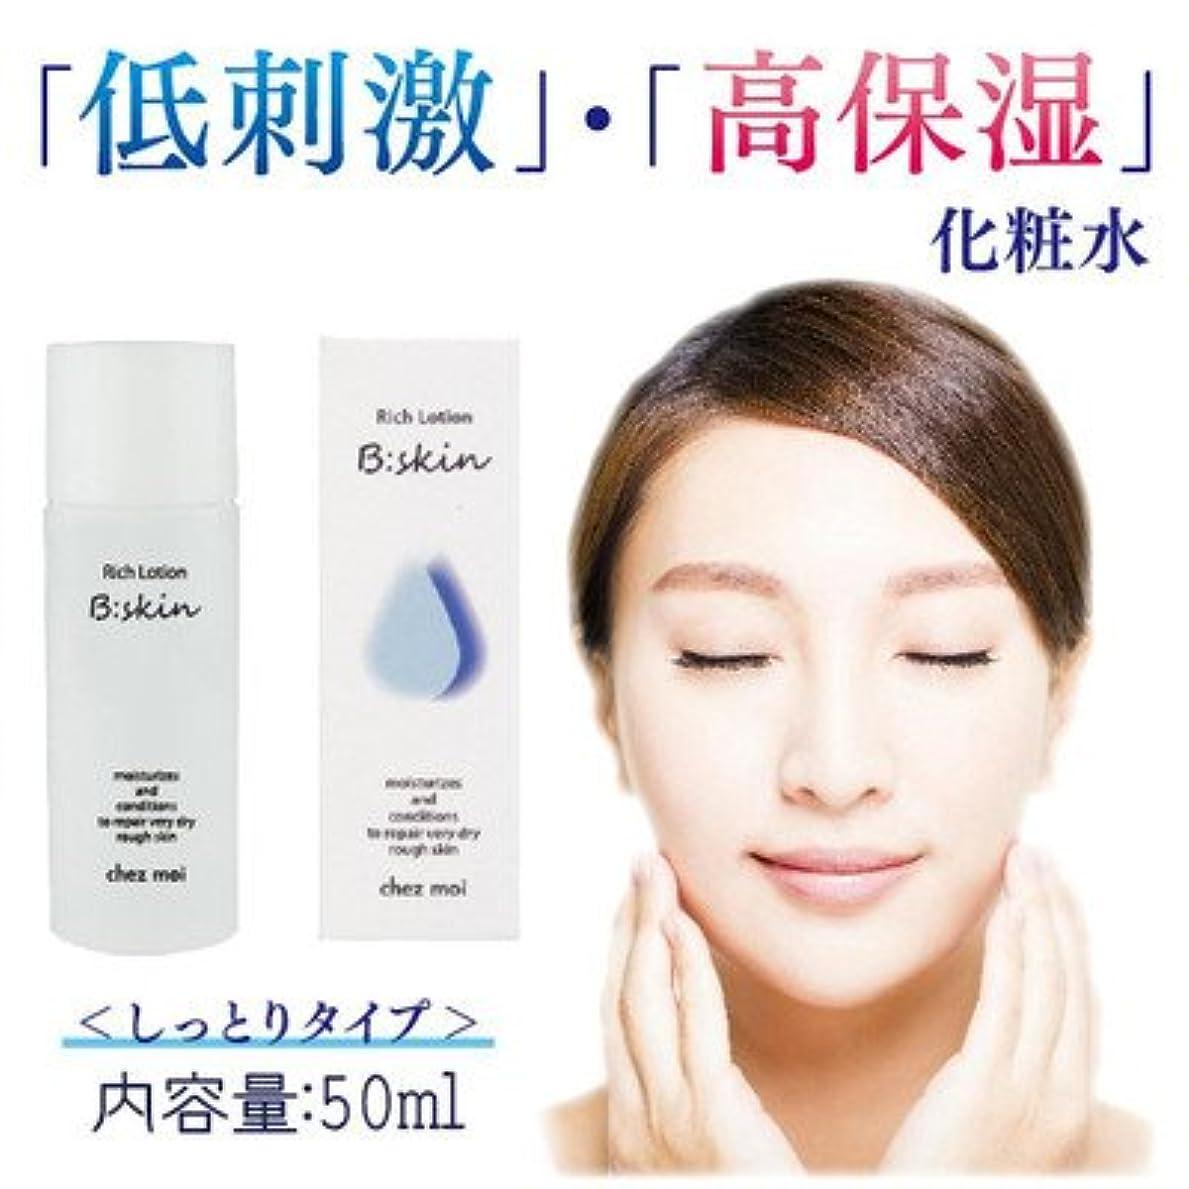 ミルすり減る衝撃低刺激 高保湿 しっとりタイプの化粧水 B:skin ビースキン Rich Lotion リッチローション しっとりタイプ 化粧水 50mL